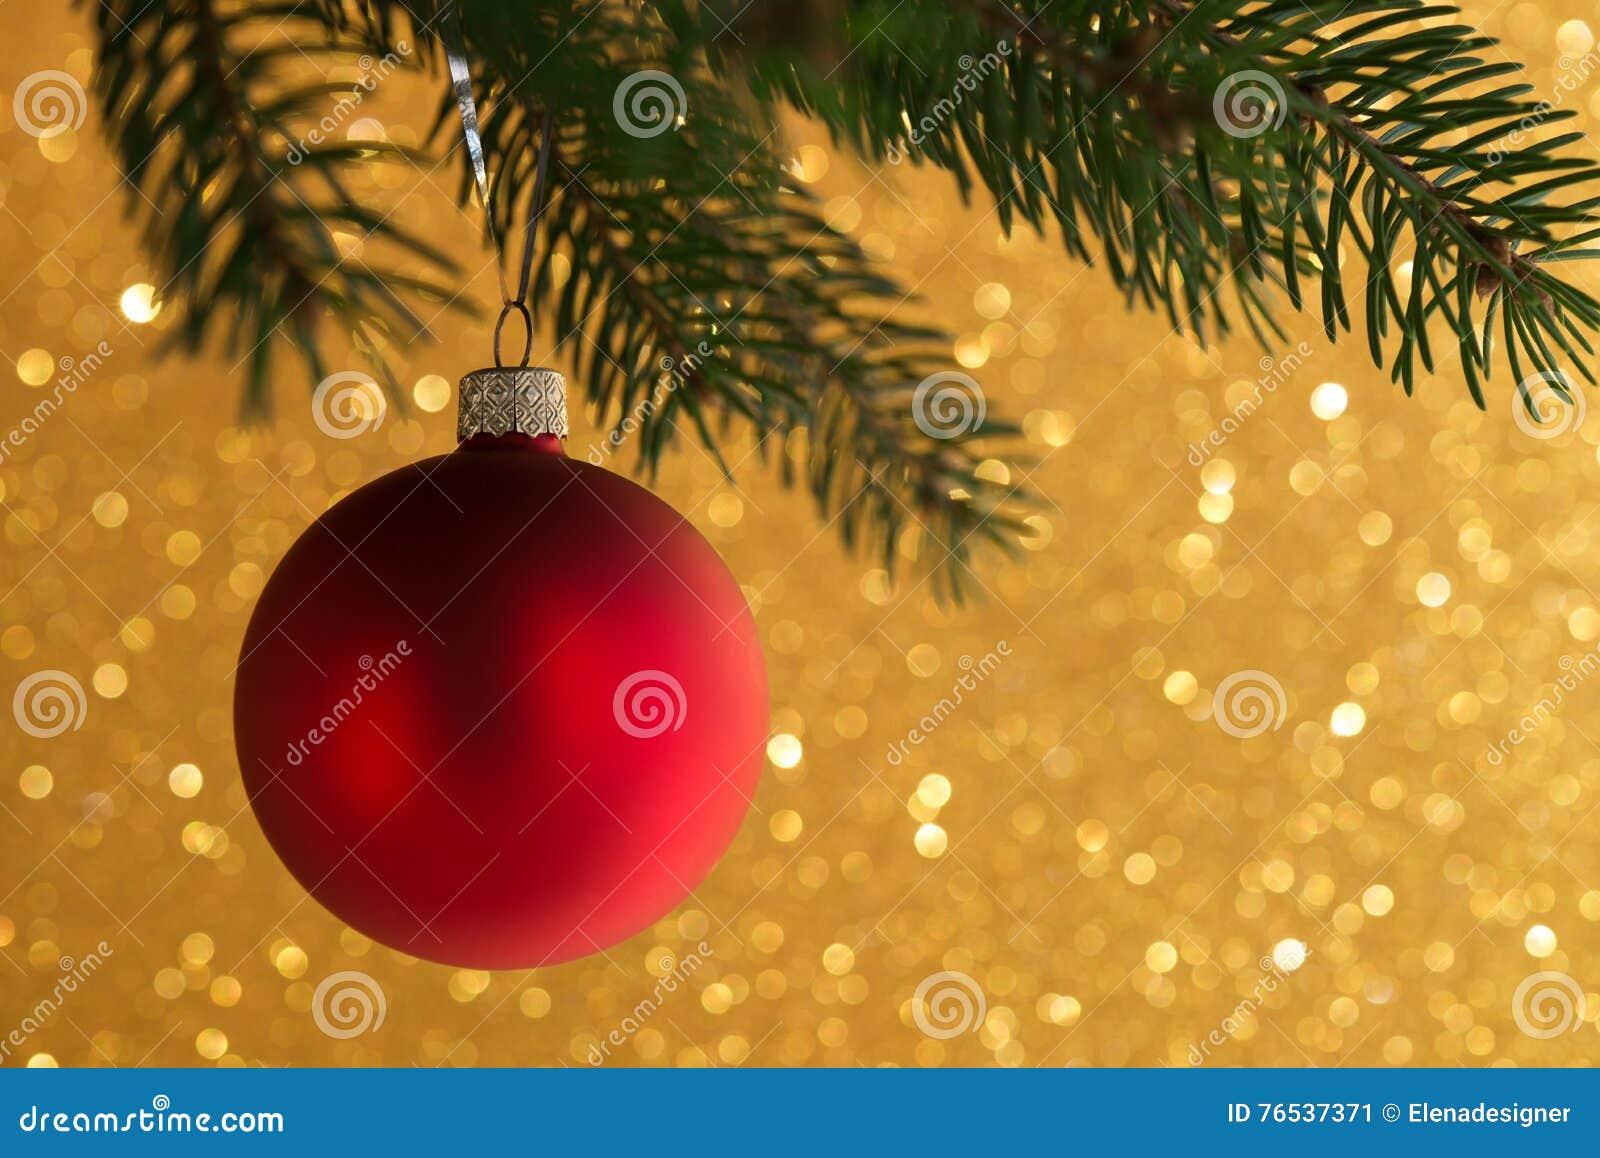 Bola decorativa vermelha na árvore do xmas no fundo do bokeh do brilho Cartão do Feliz Natal